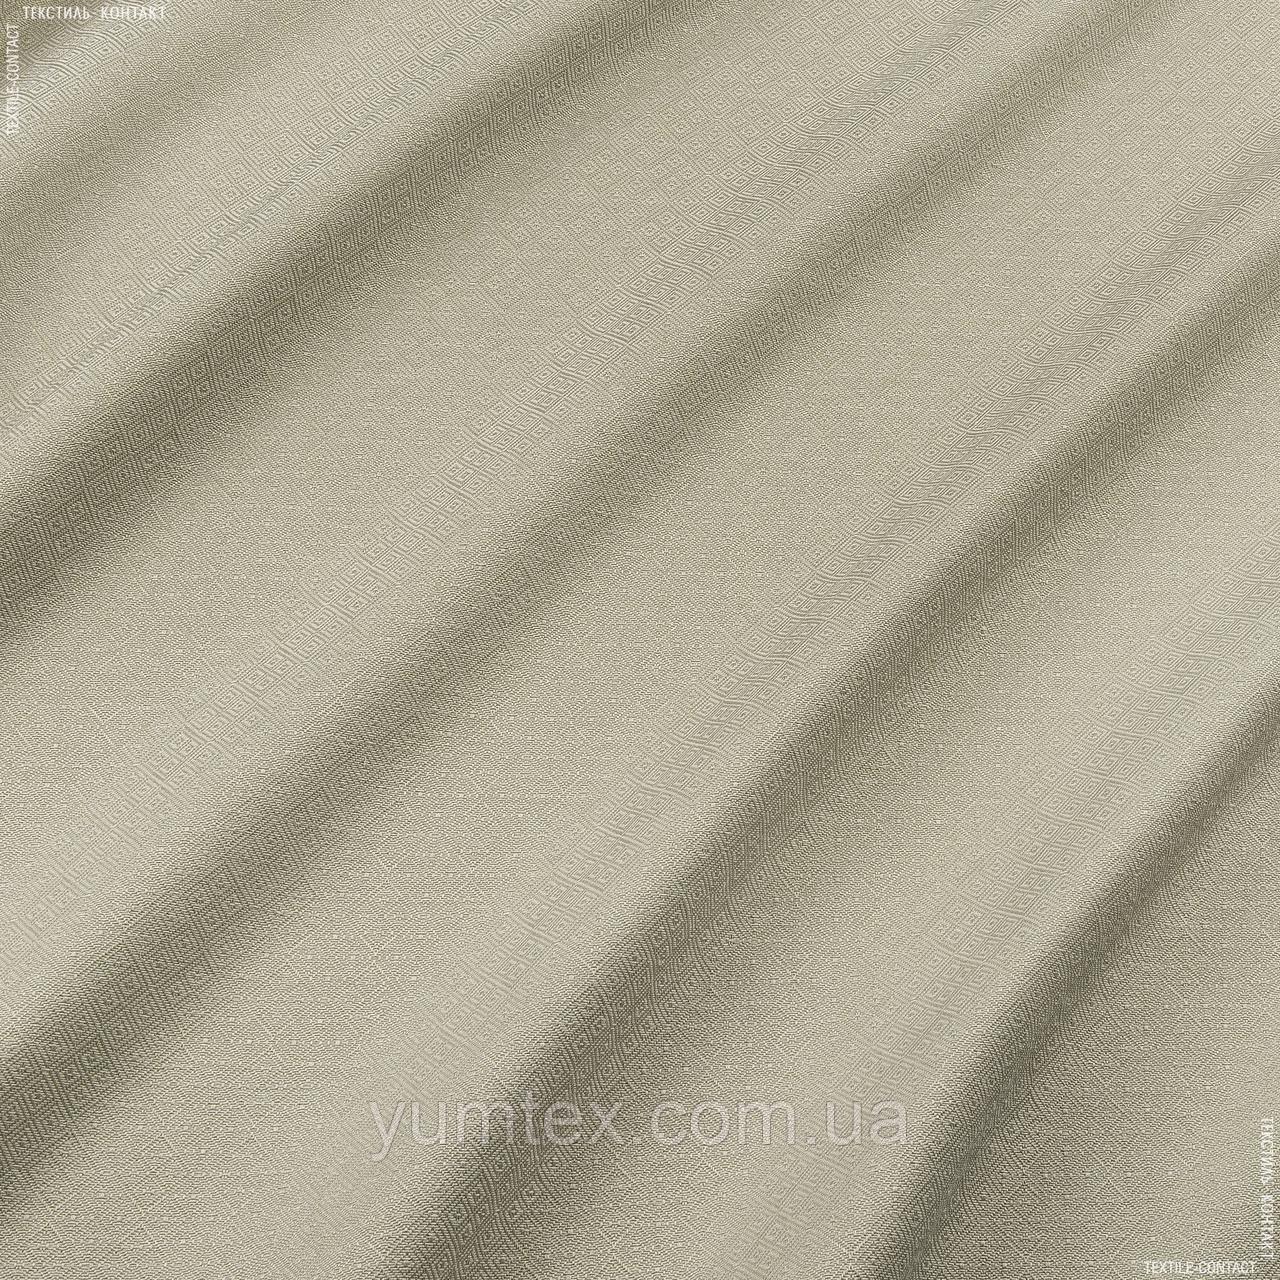 Скатертная ткань ромбик мелкий база/ base песок 144957